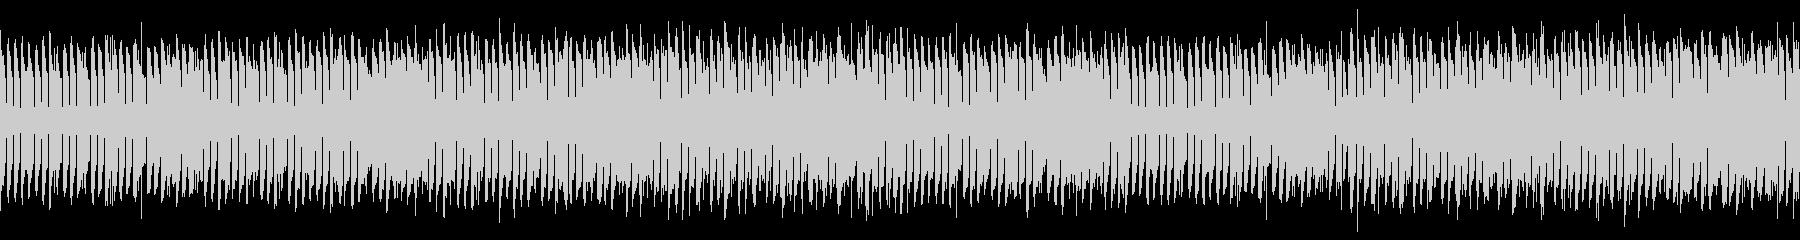 ループ 鍵盤楽器の緊張感あるミニマルの未再生の波形